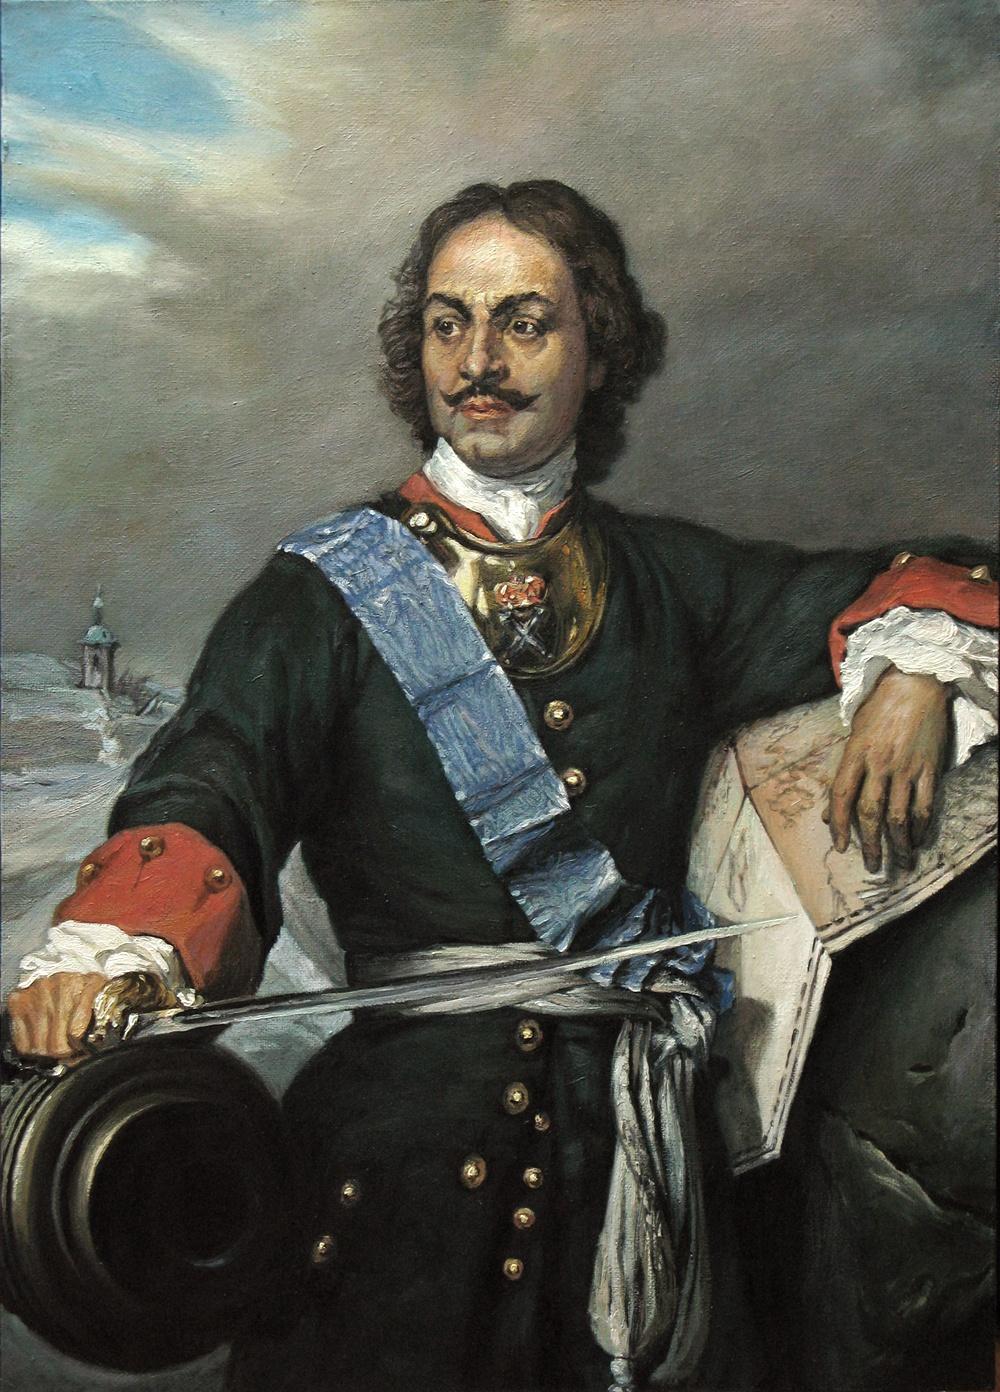 Поль Деларош, «Портрет Петра I», 1838